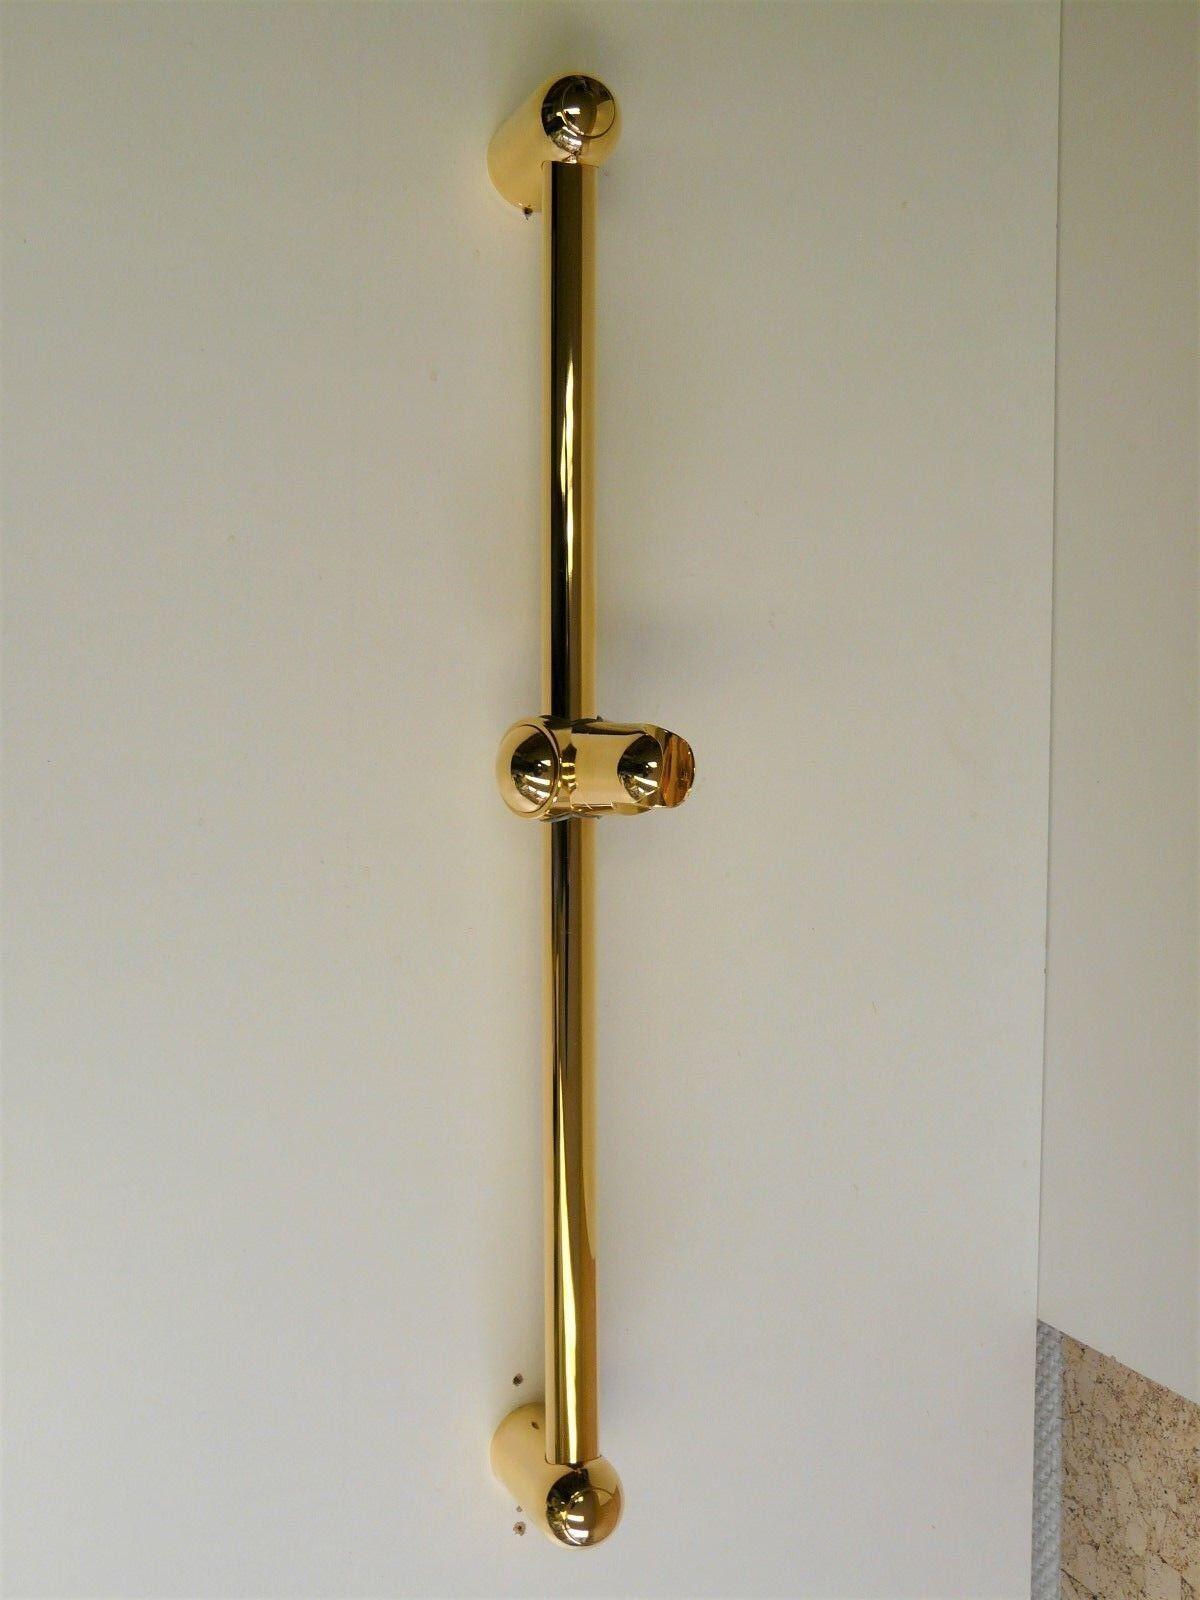 Barra de ducha oro (24 Quilate ), 60cm, barra de ducha, alcachofa, ducha, barra